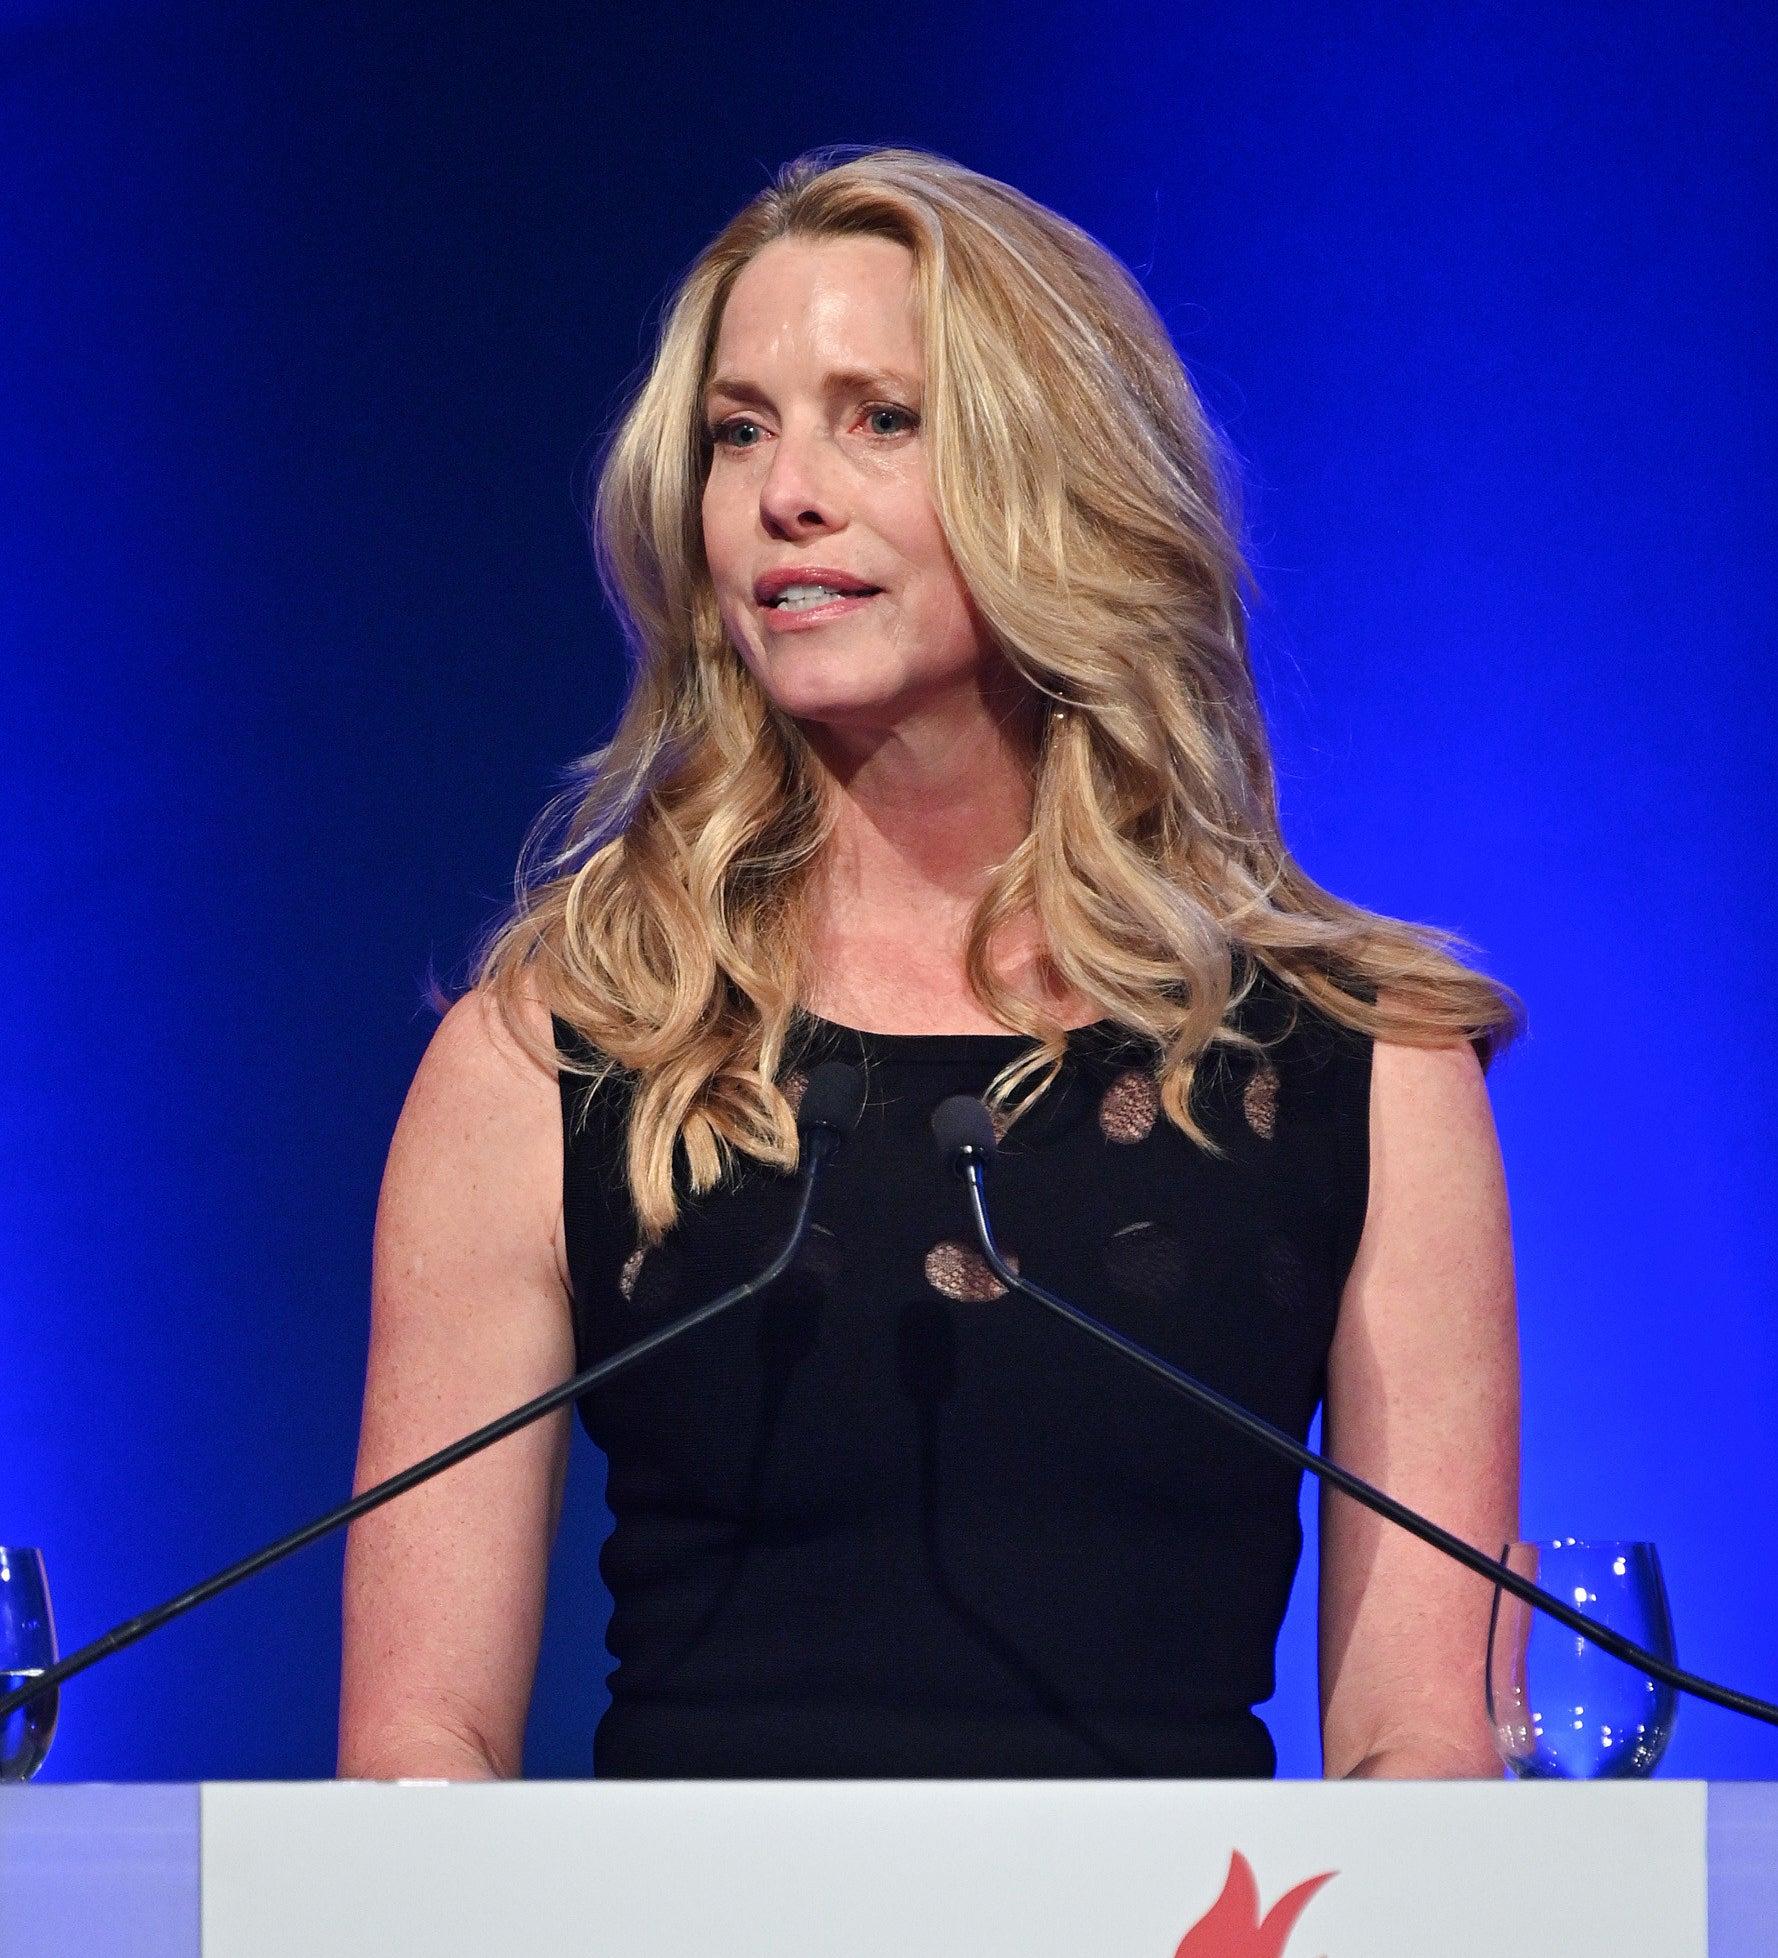 A woman giving speech